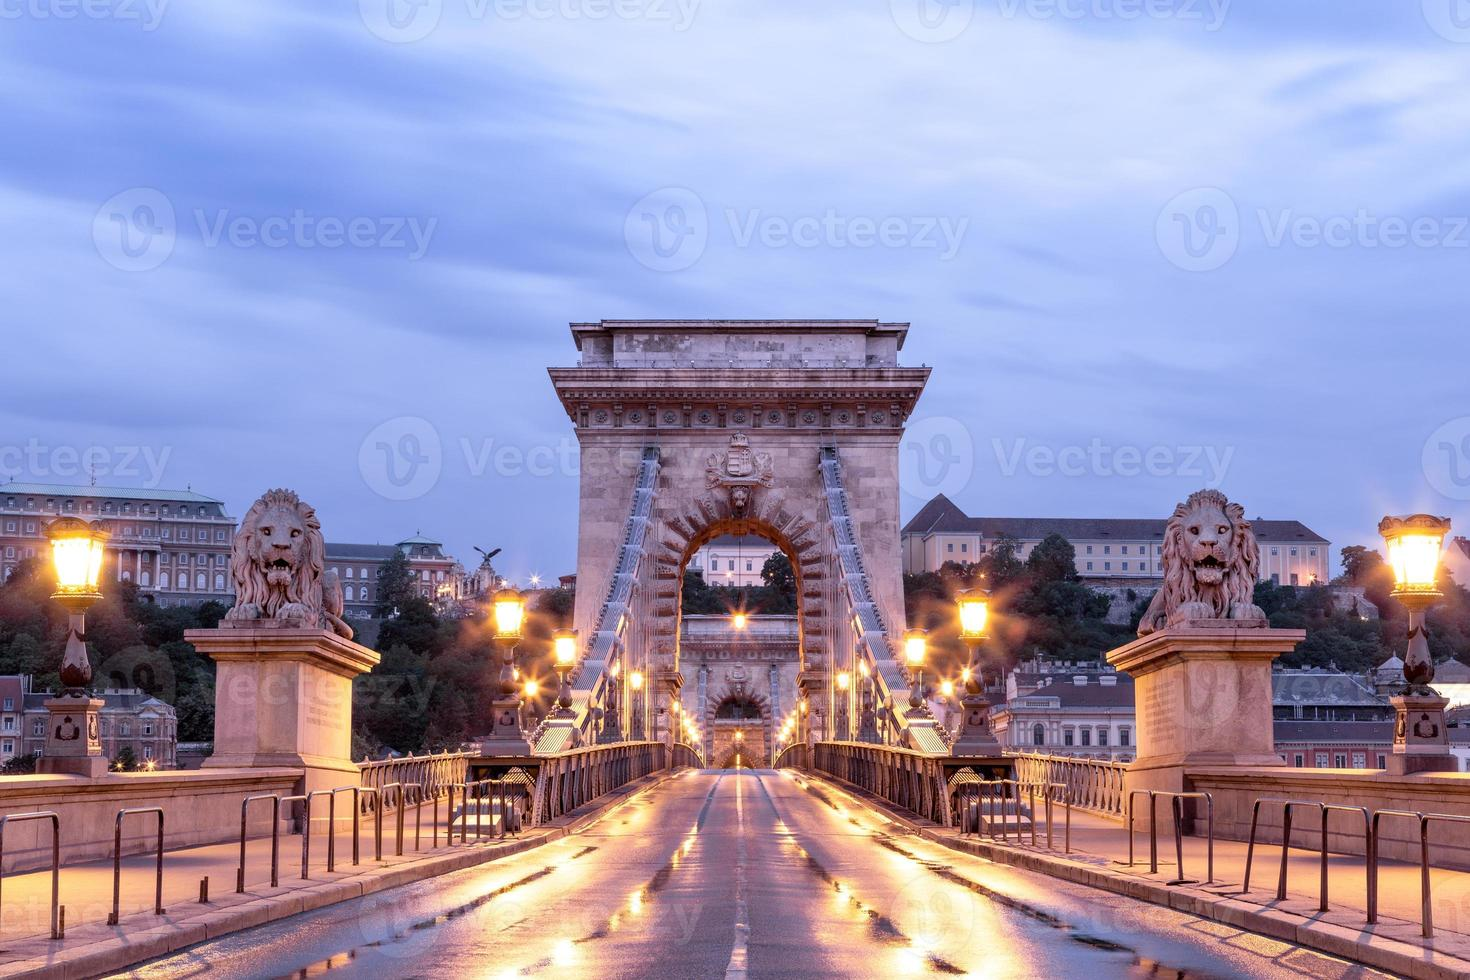 pont à chaînes vide budapest photo